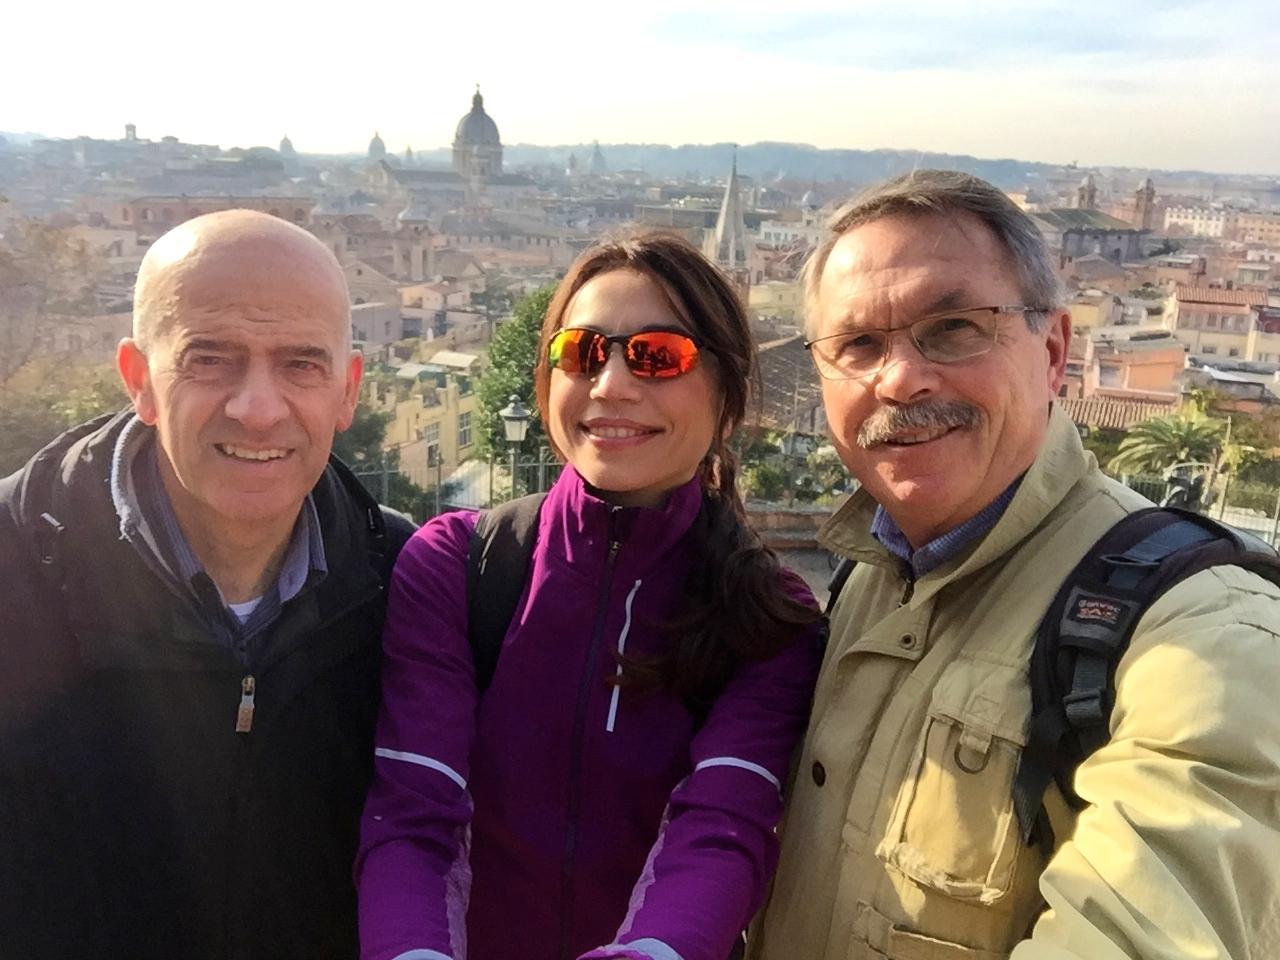 Selfie con Nicola Ferrante, vice presidente della maratona di Roma e Pierluigi Benini